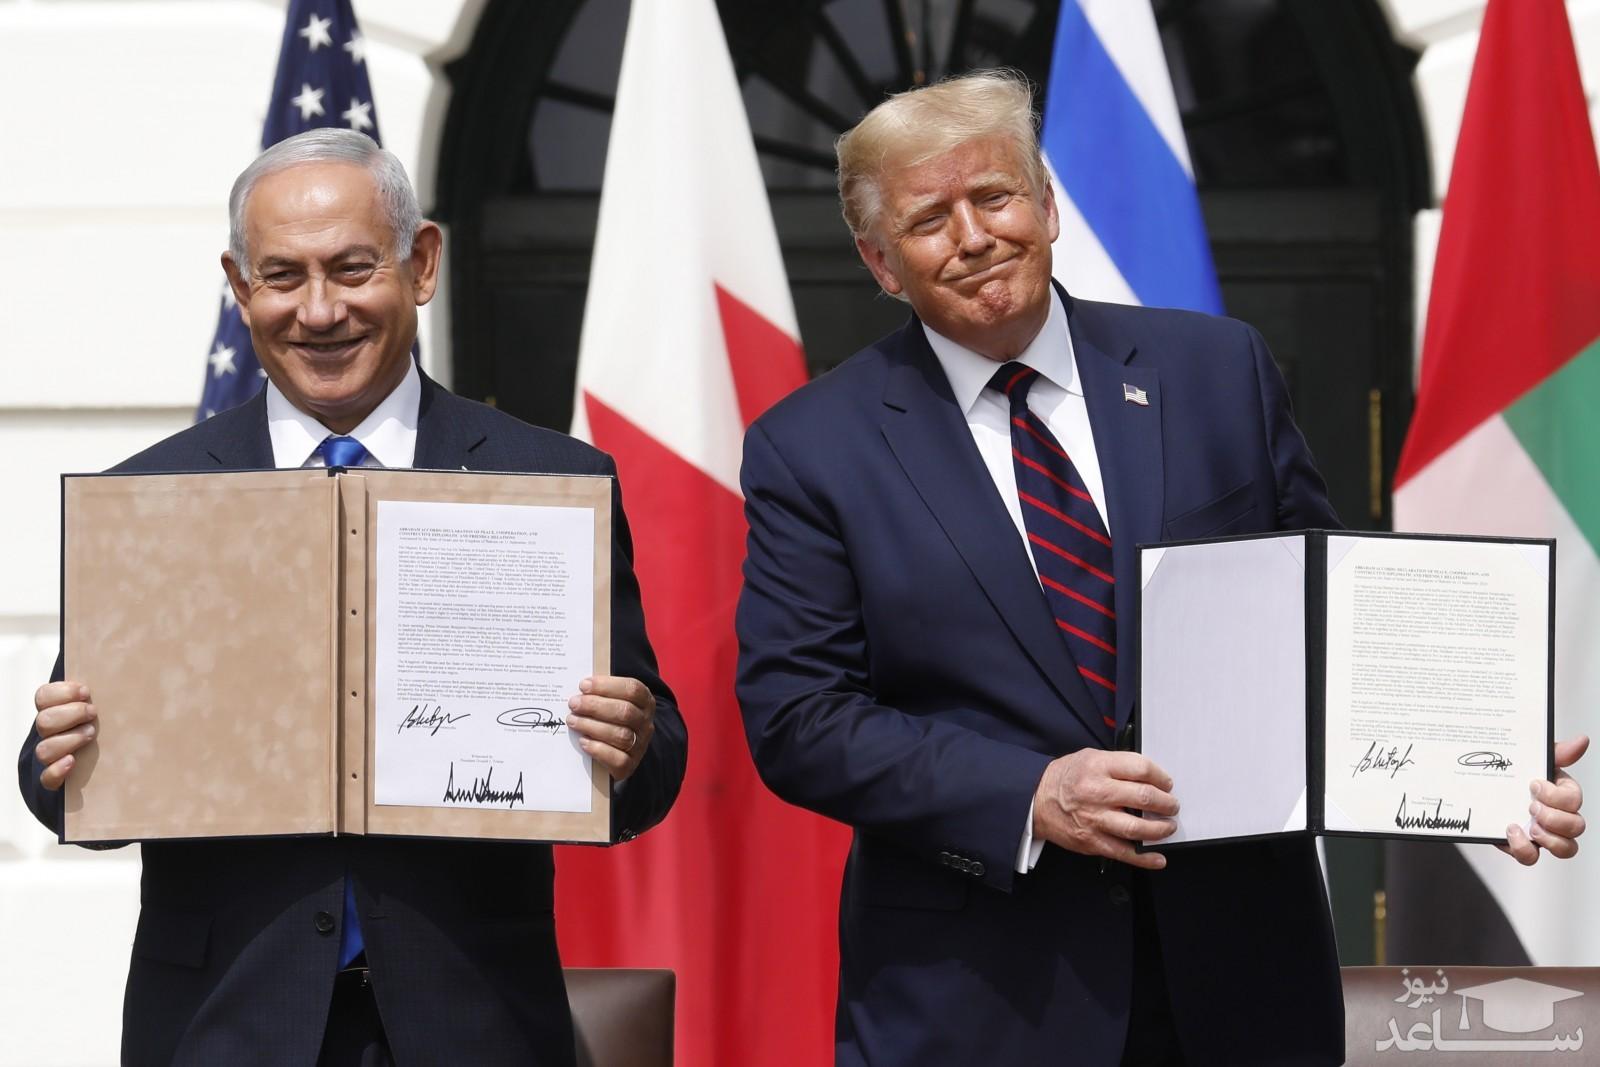 خنده دار اما واقعی: بنیامین نتانیاهو نخست وزیر رژیم کودک کش صهیونیستی نامزد جایزه نوبل صلح